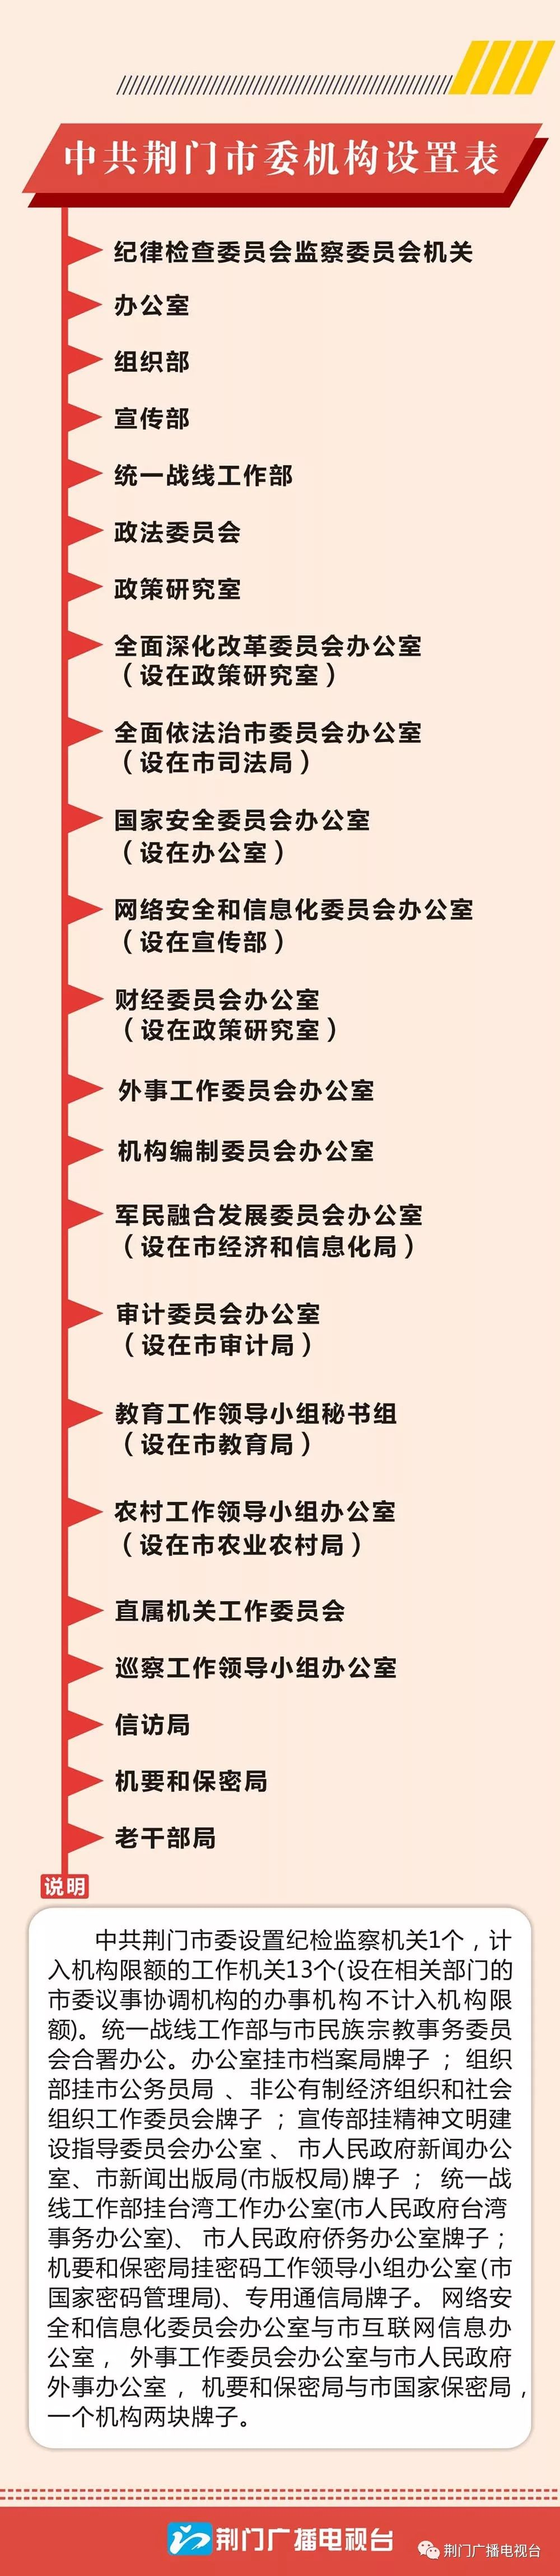 张爱国:确保如期完成机构改革任务